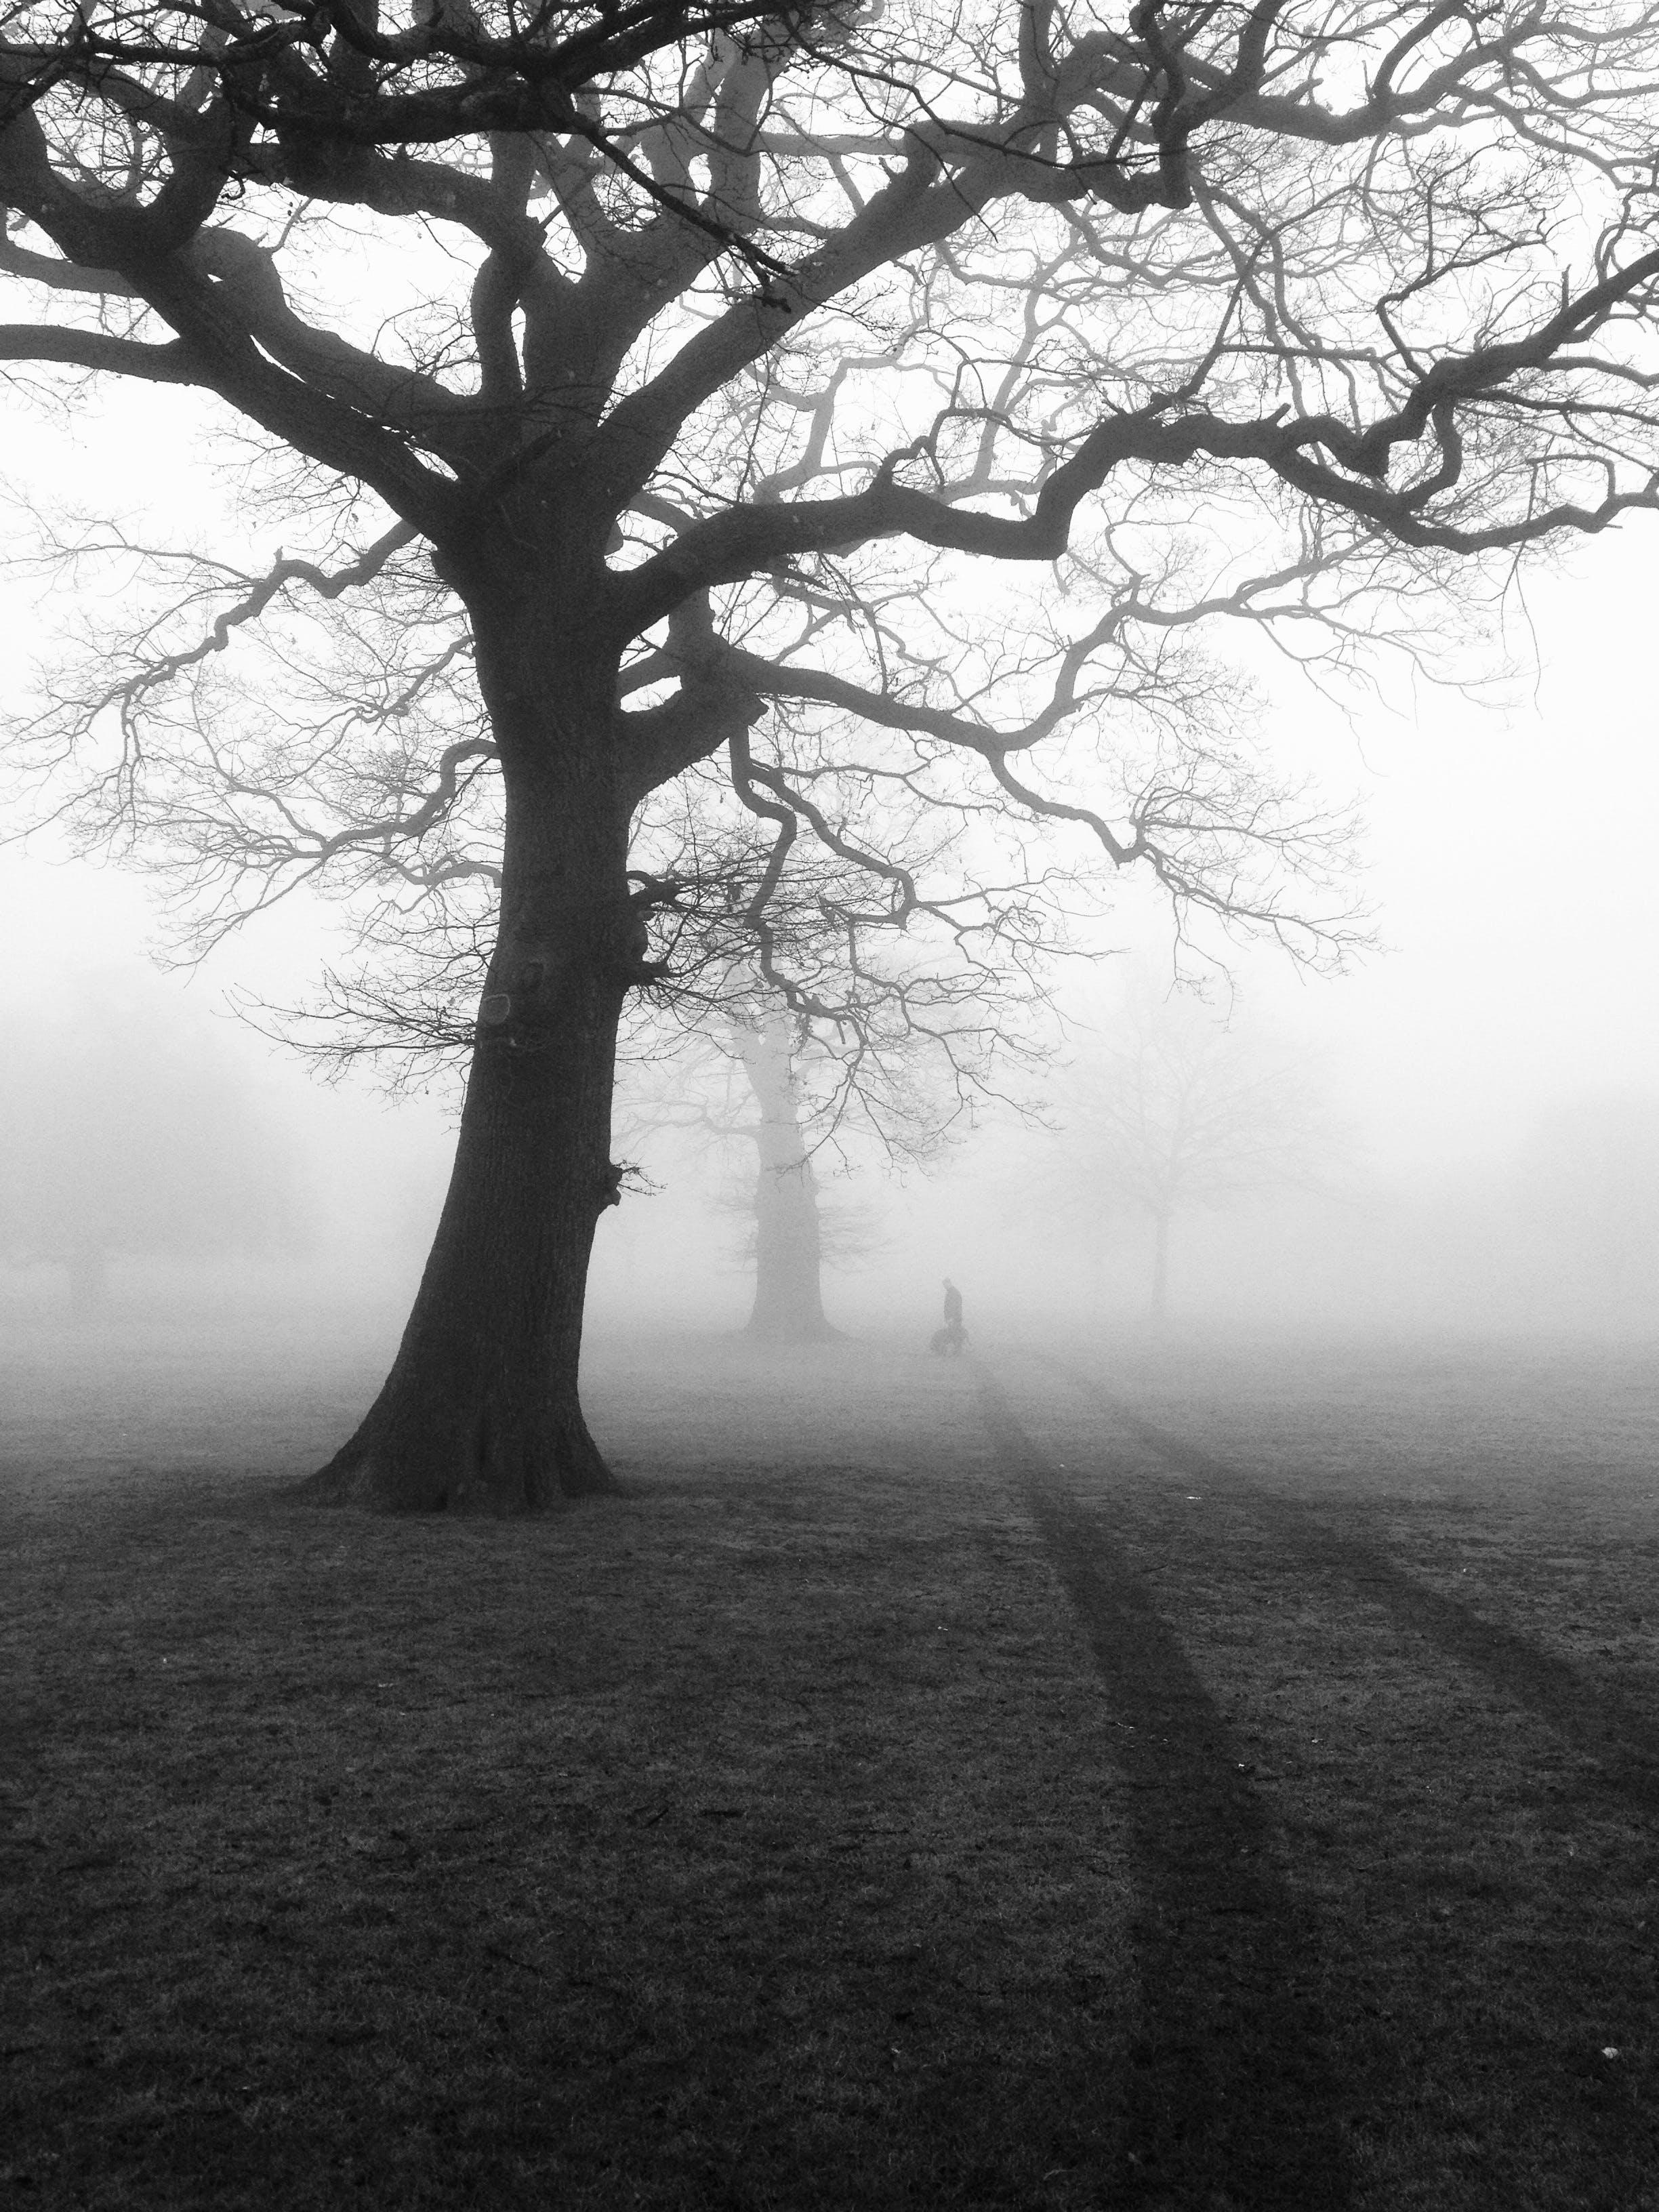 Gratis stockfoto met angstaanjagend, bomen, Bos, bossen